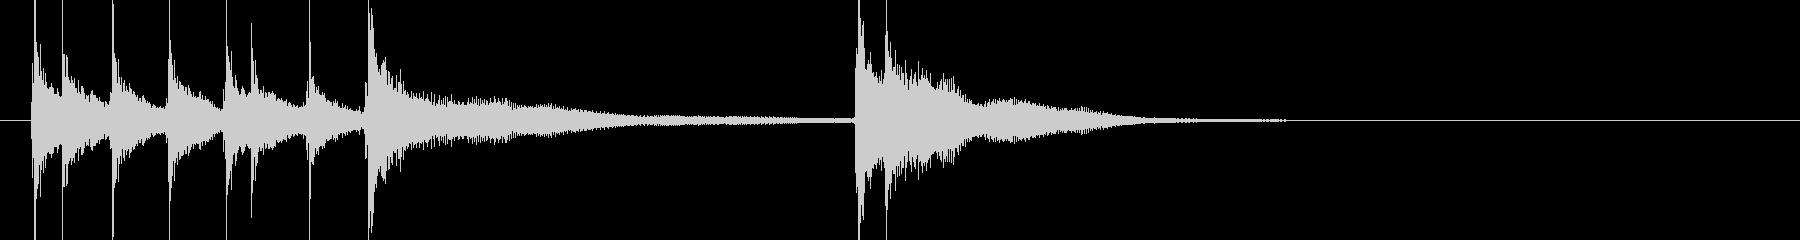 和風三味線ジングル 荘厳2 三味線のみの未再生の波形